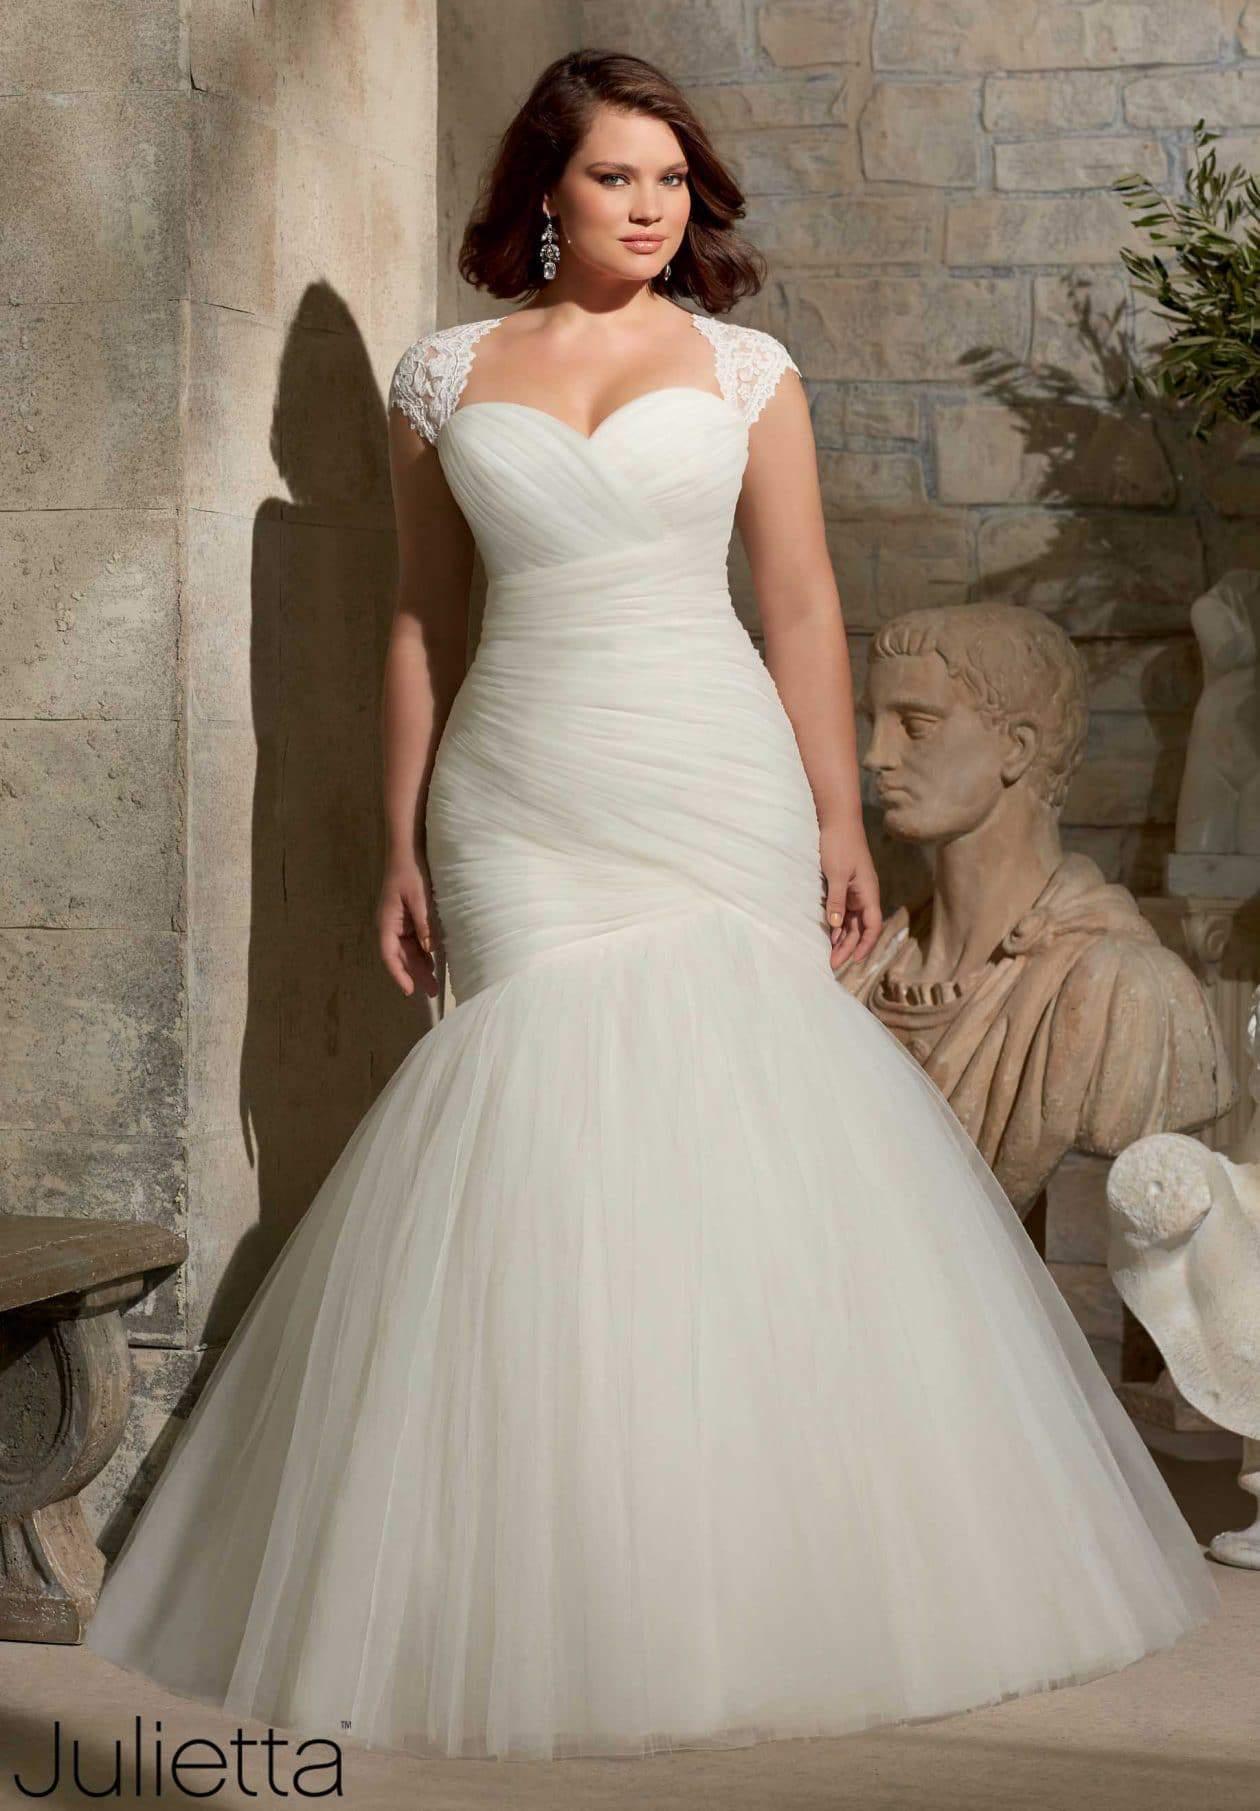 Curvique Bridal Boutique Mori Lee Plus Size Wedding Dress